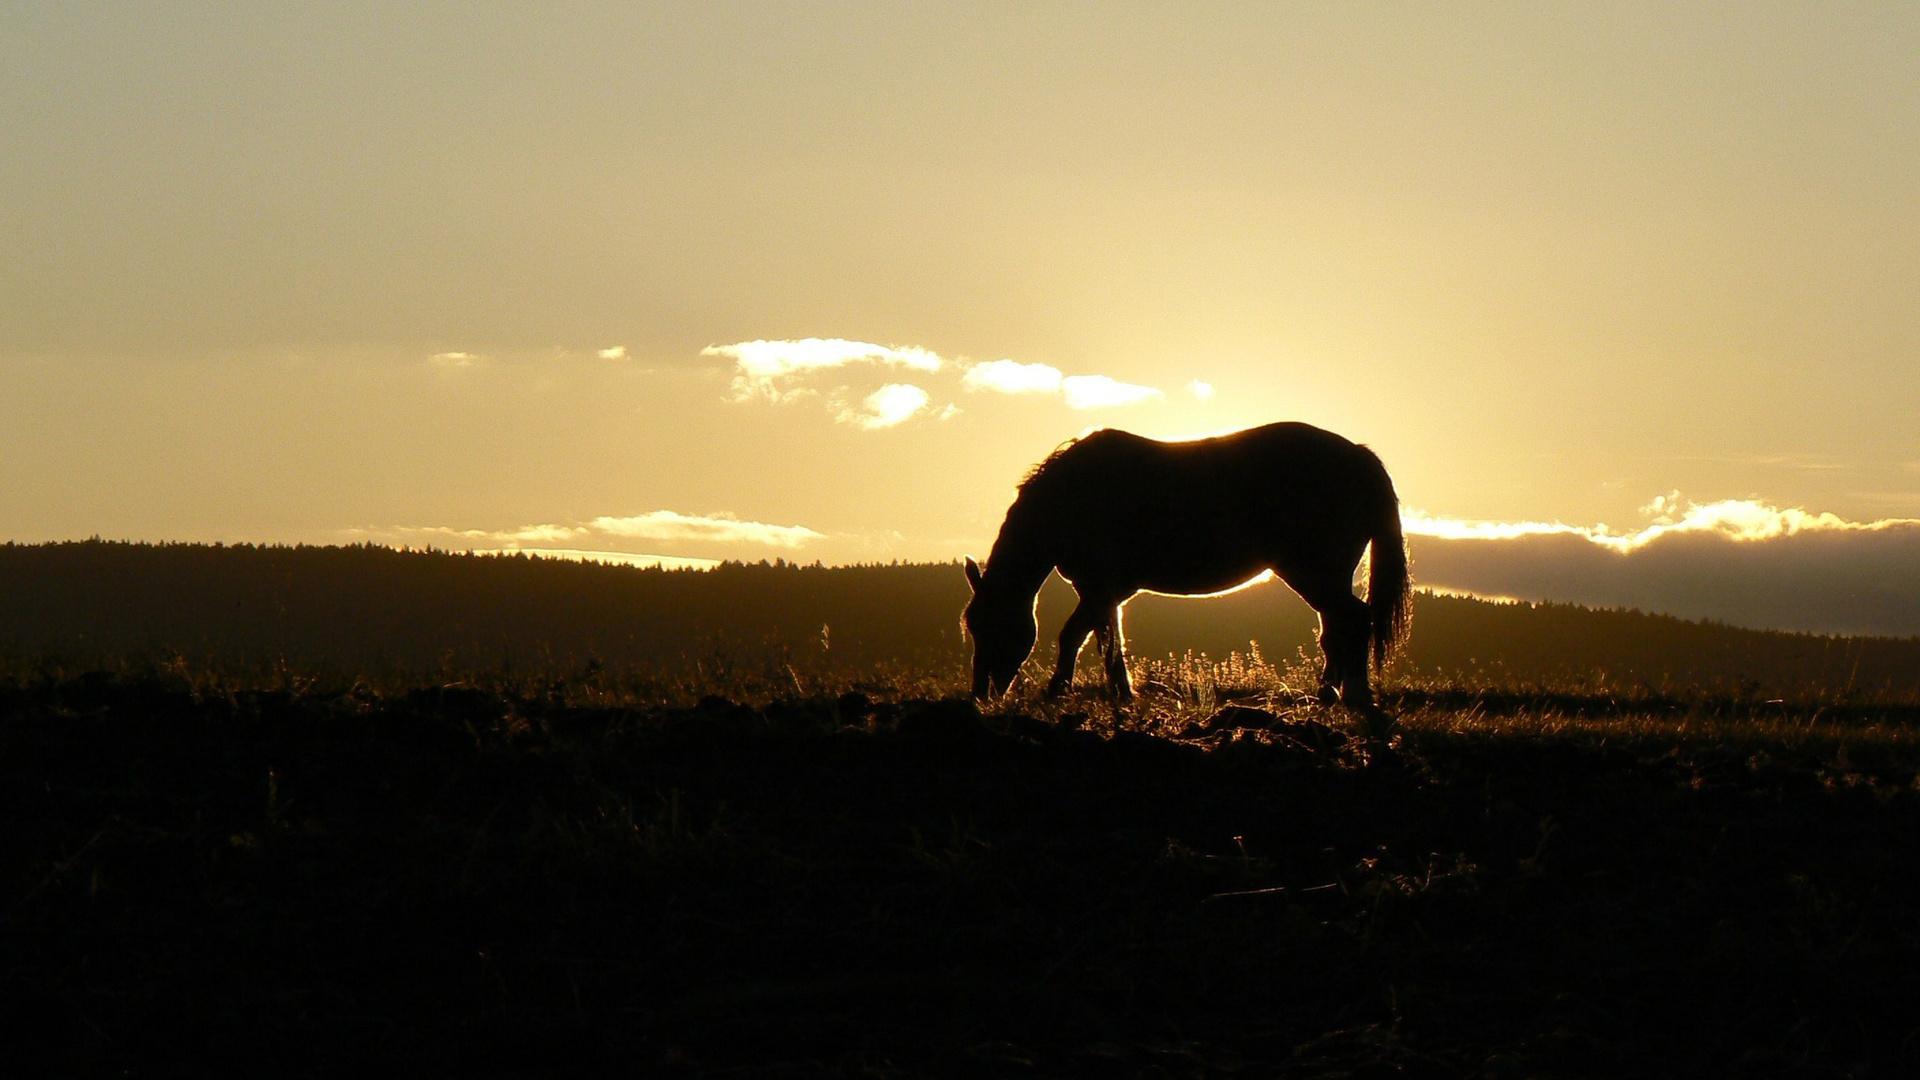 лошадь, трава, закат  № 2687 загрузить